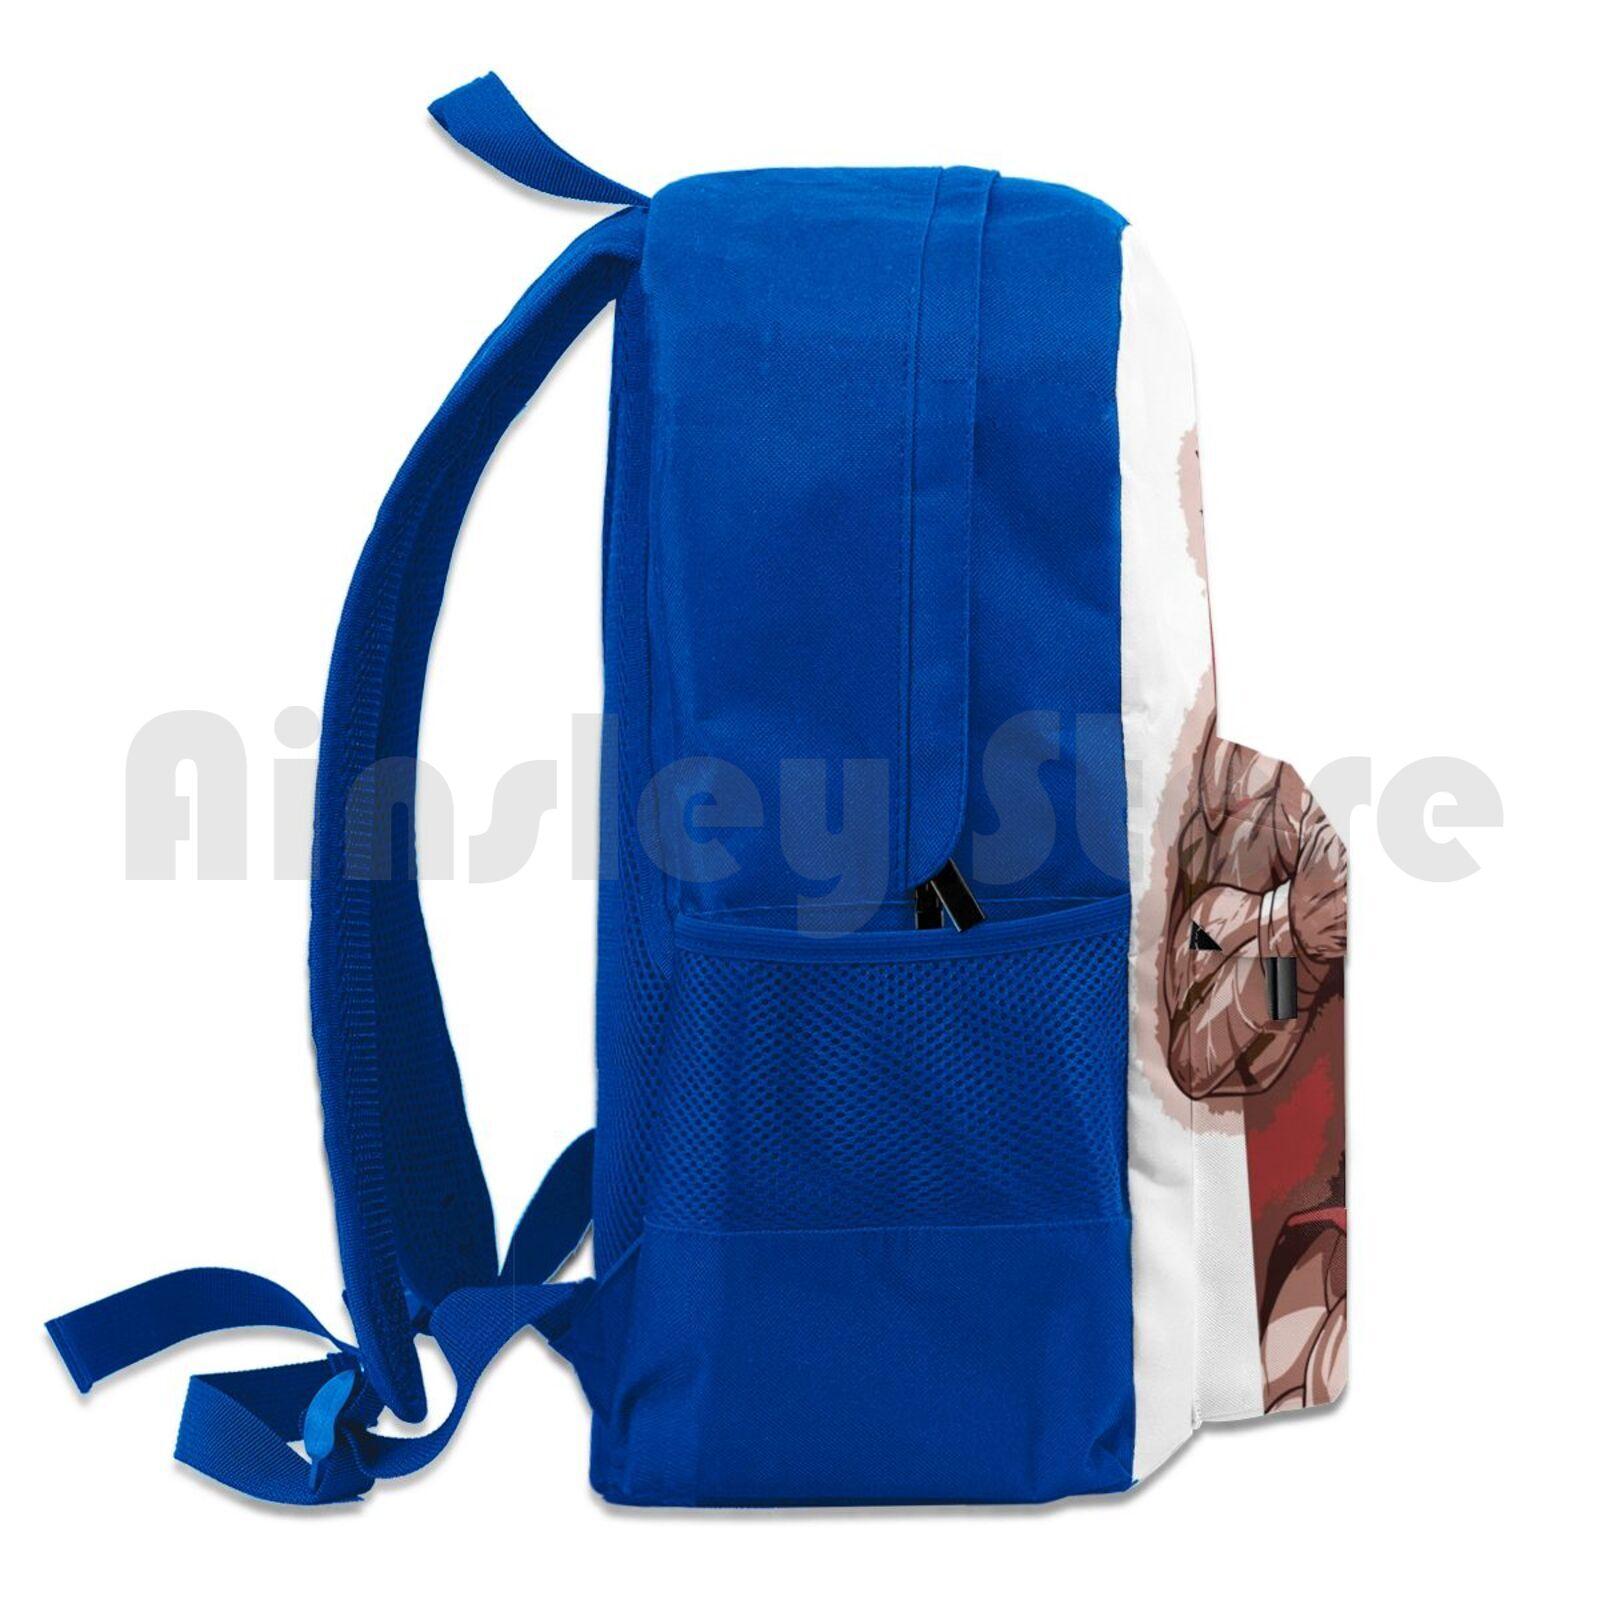 Hb213af5a9ea14c8baecb768735c3bb90l - Anime Backpacks